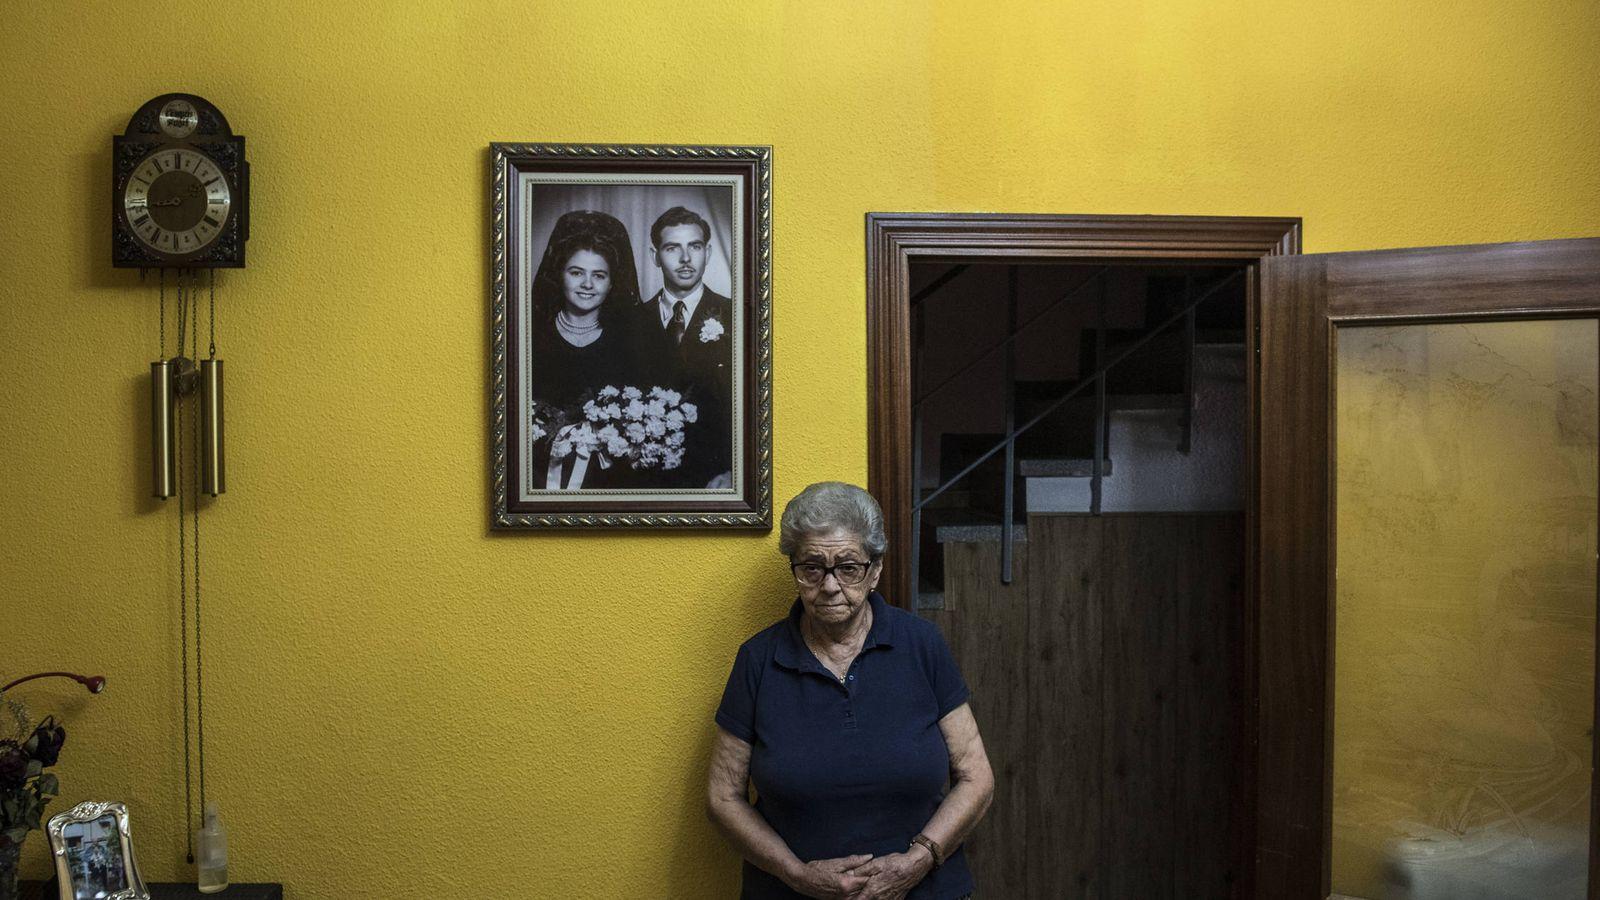 Foto: María Luisa, la anciana de Torres de Alameda que envenenó a su hijo, en el salón de su casa. Foto: Natalia Lázaro Prevost